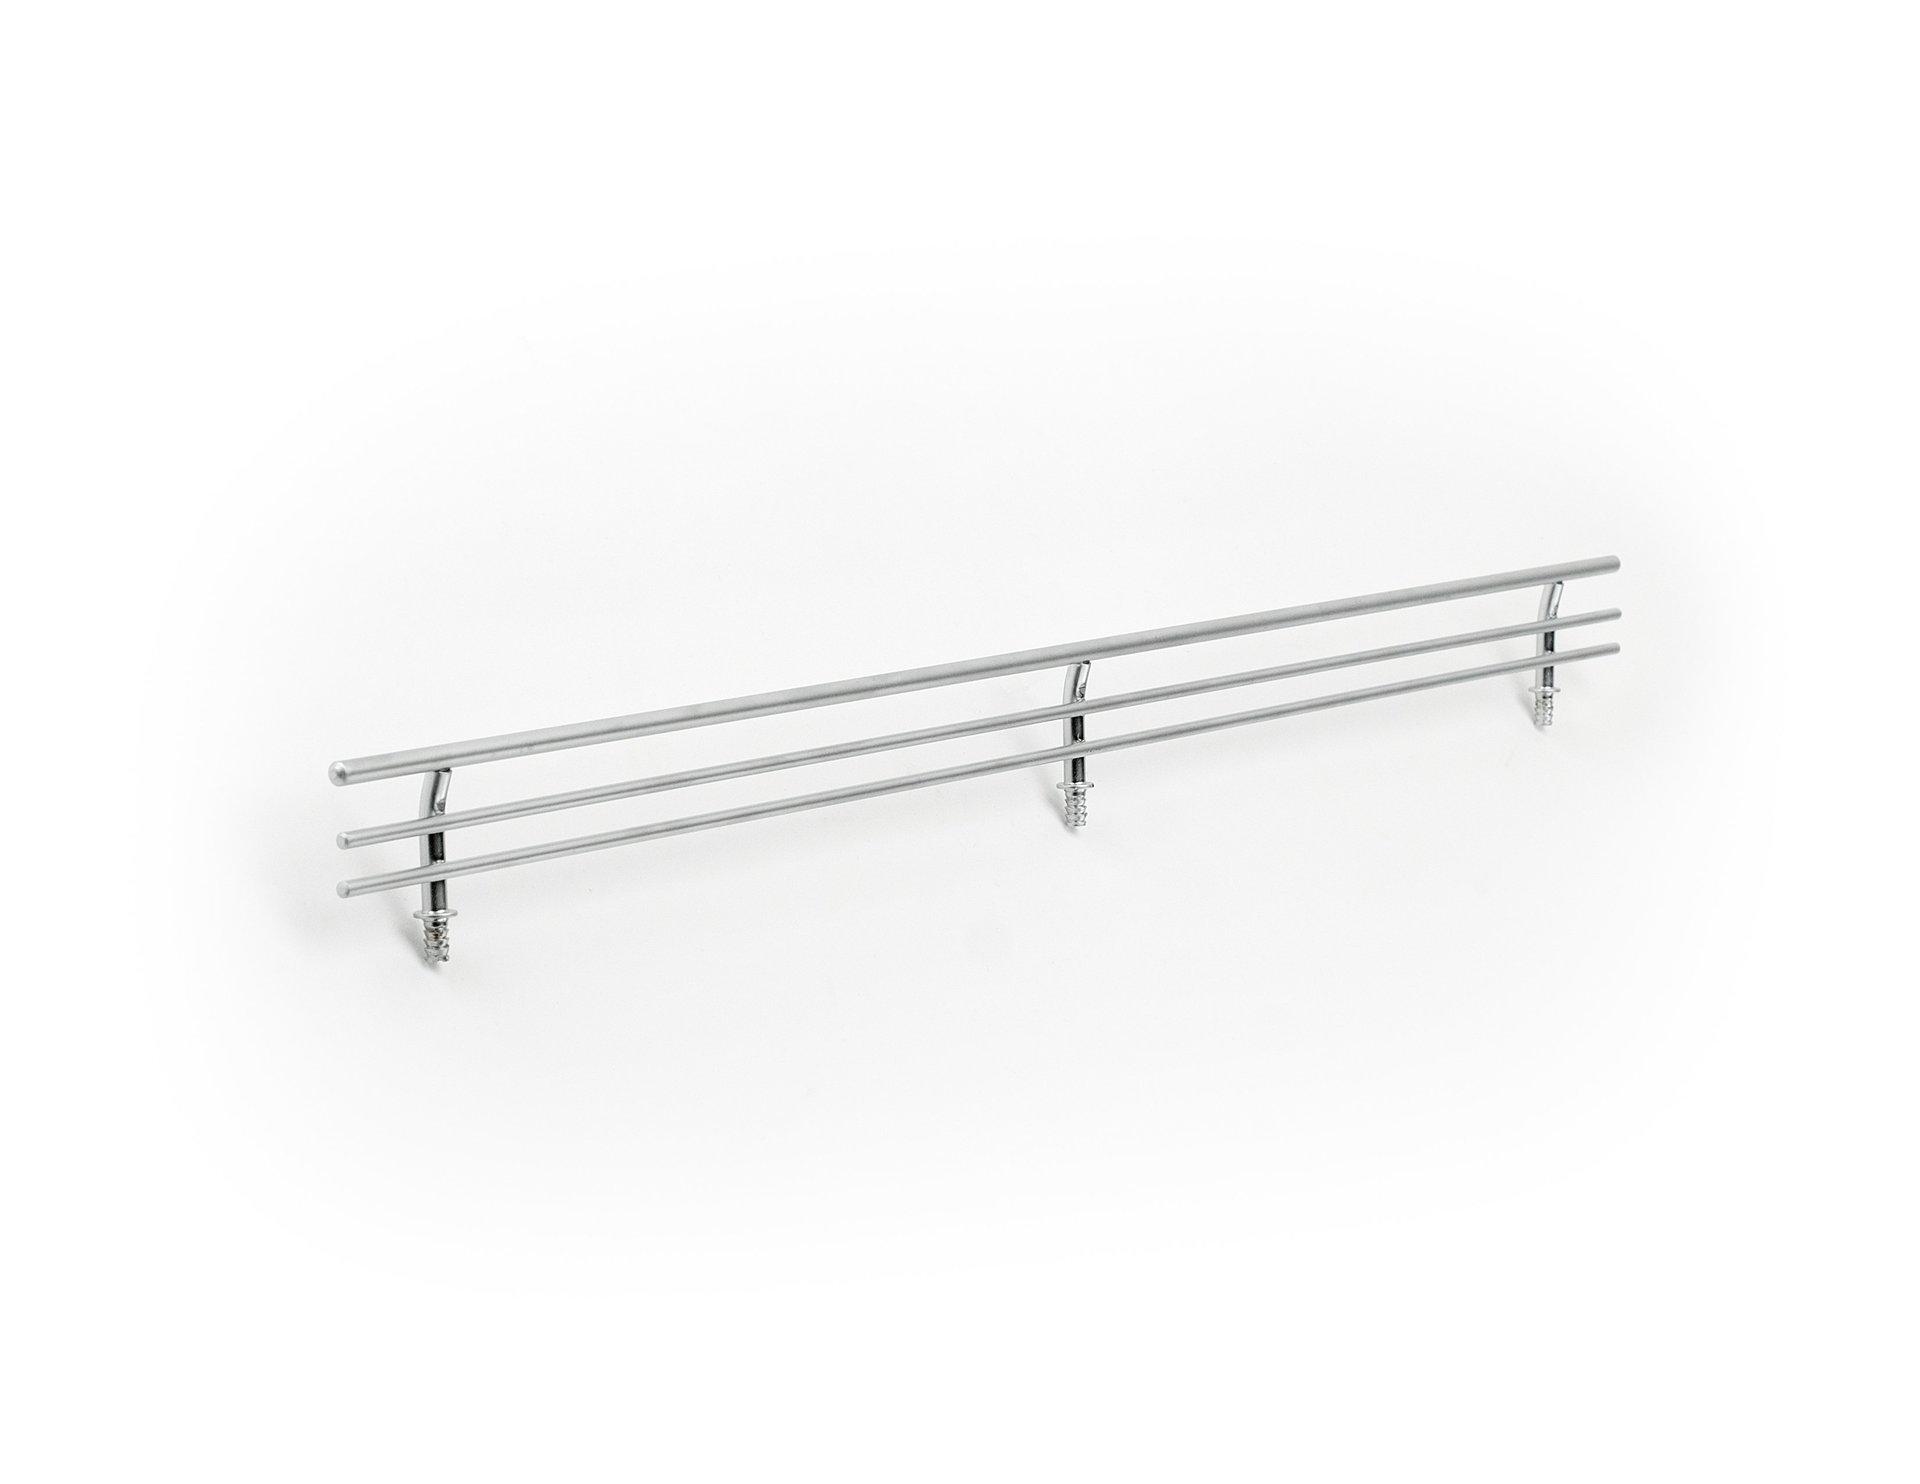 Chrome Shelf Fence